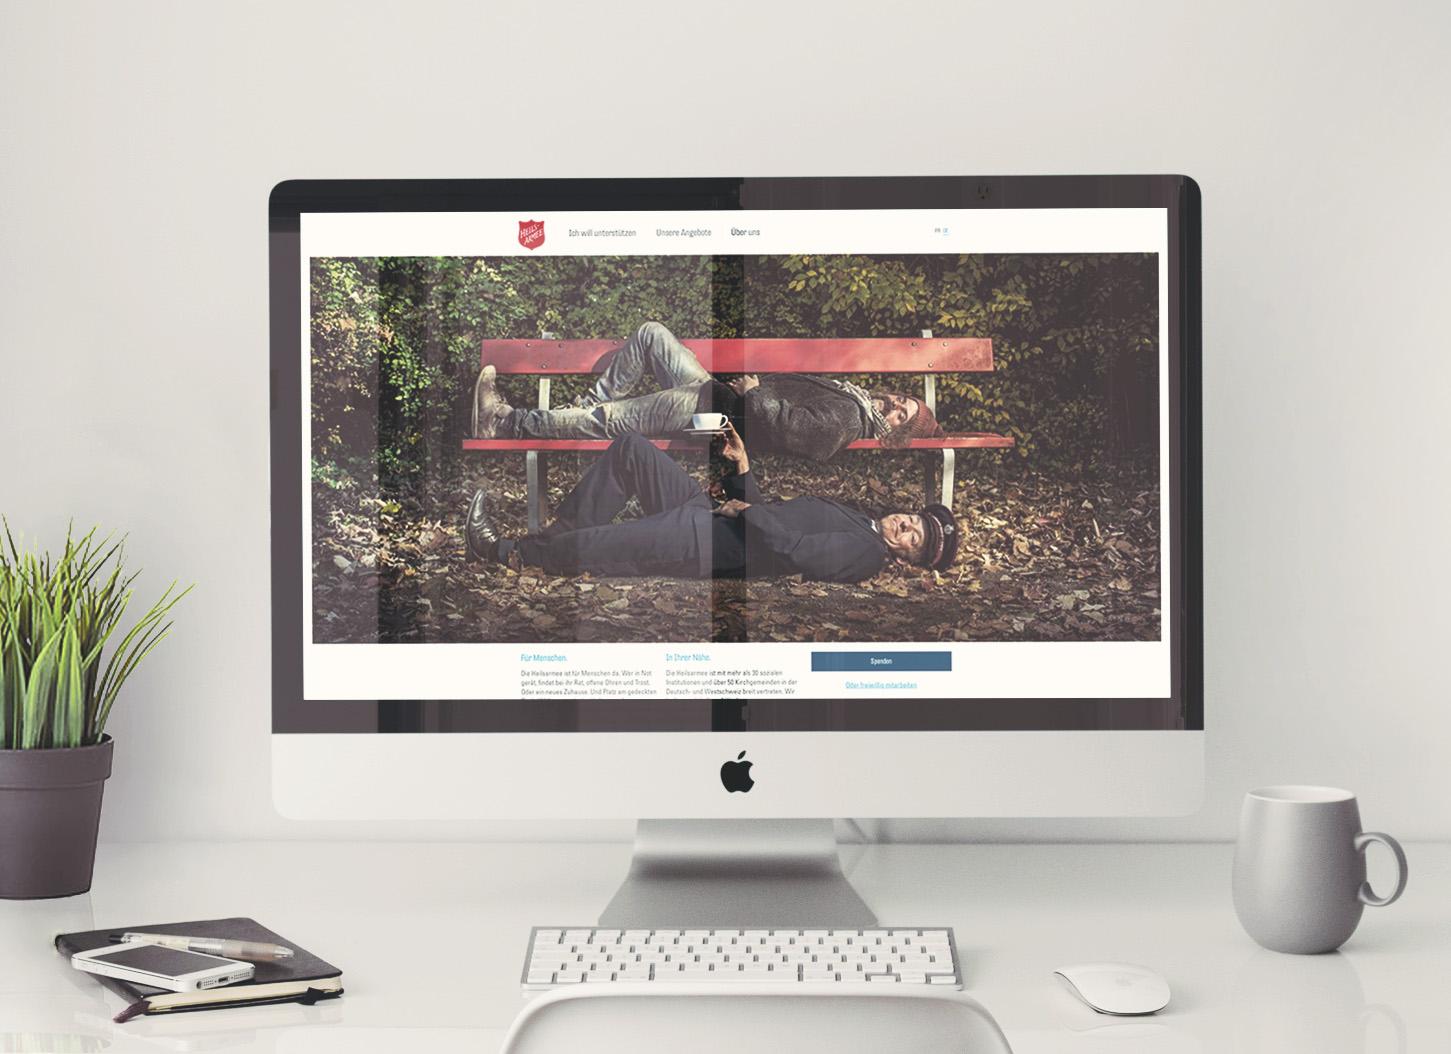 HA desktop